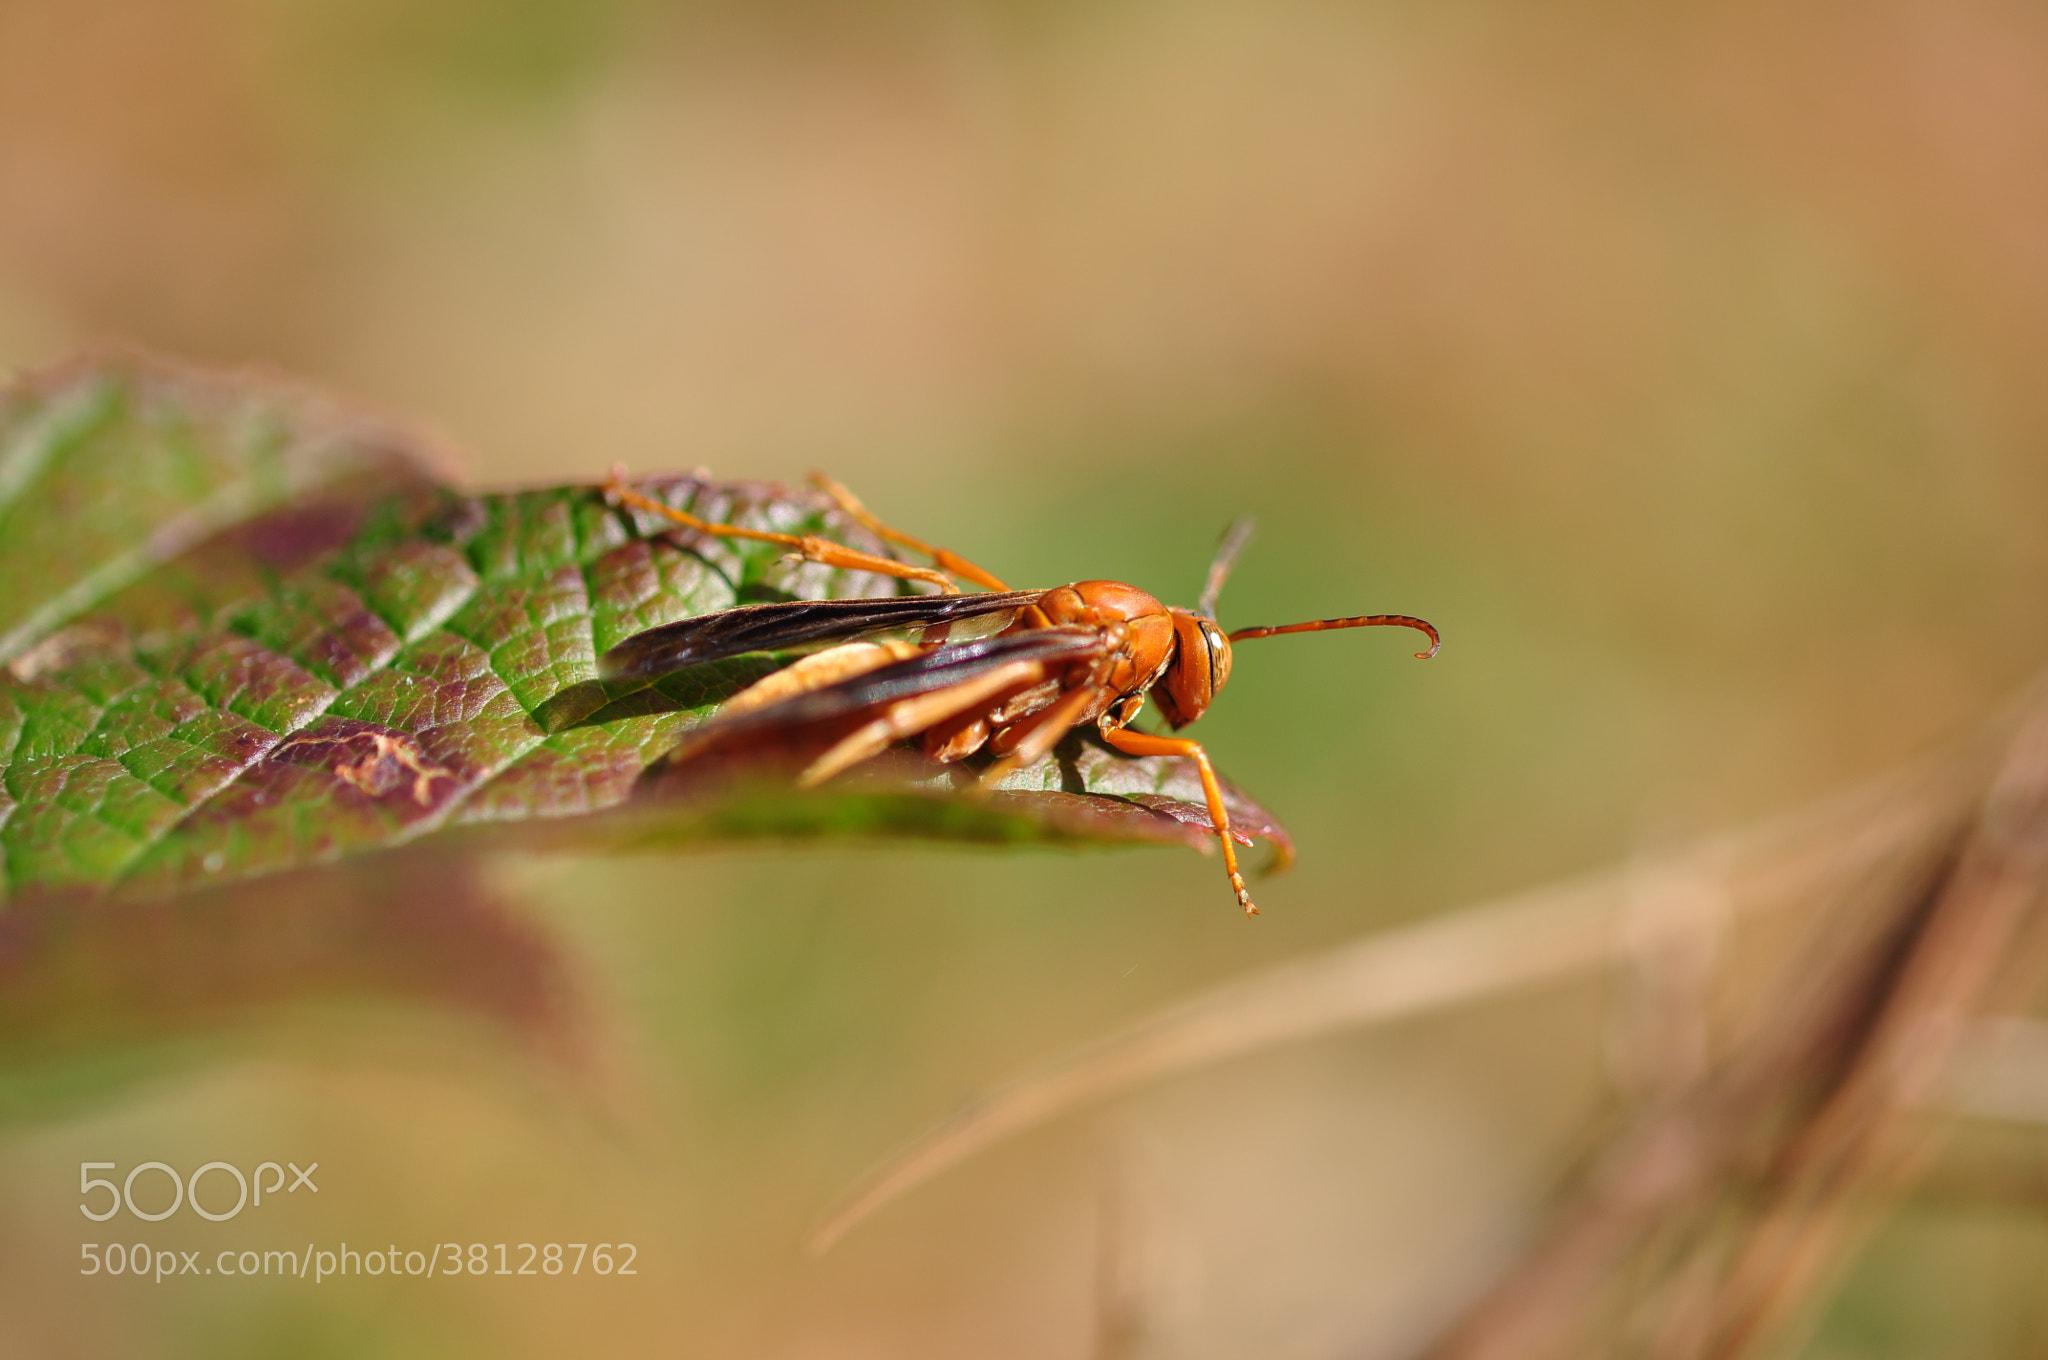 Photograph Bug by nitrodarkside on 500px